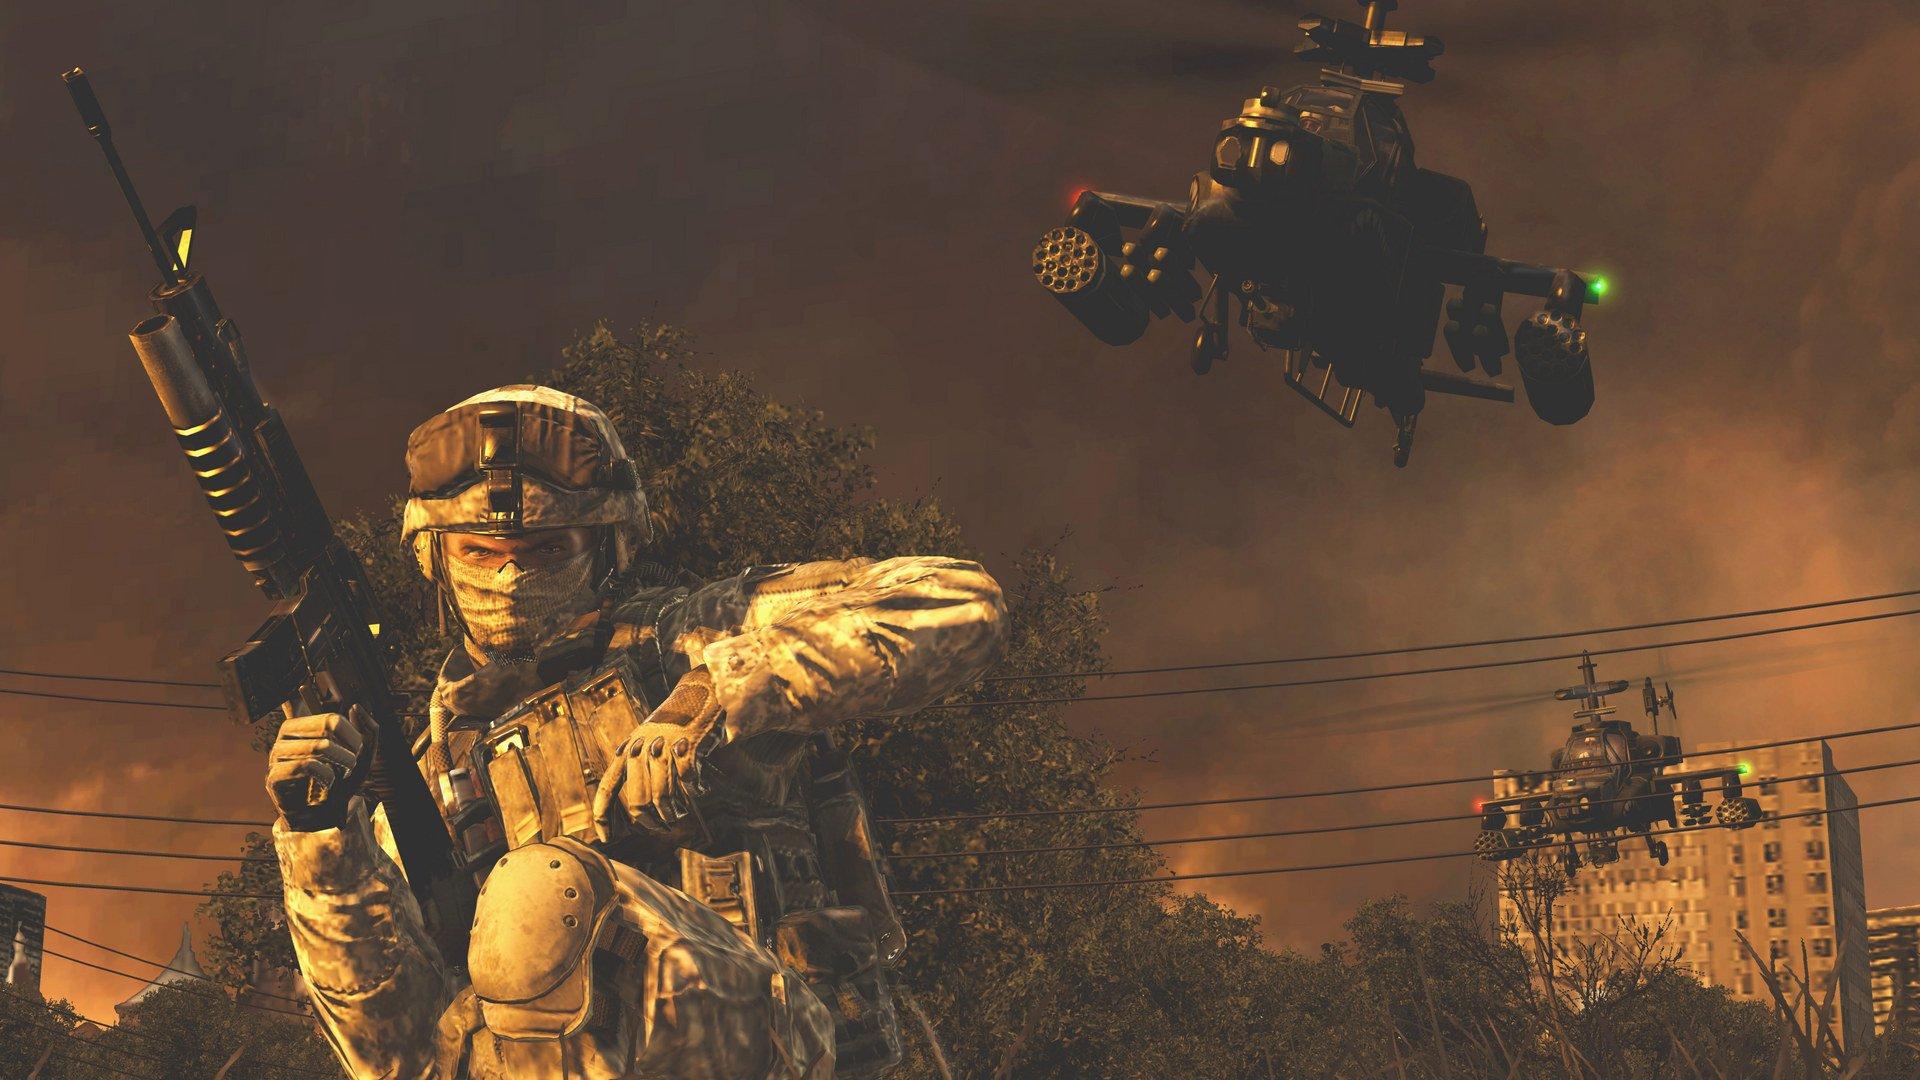 Здравствуйте, уважаемые канбувчане! Хочу поговорить о печально известной игре  Call of Duty: Modern Warfare 3. Жестк ... - Изображение 1